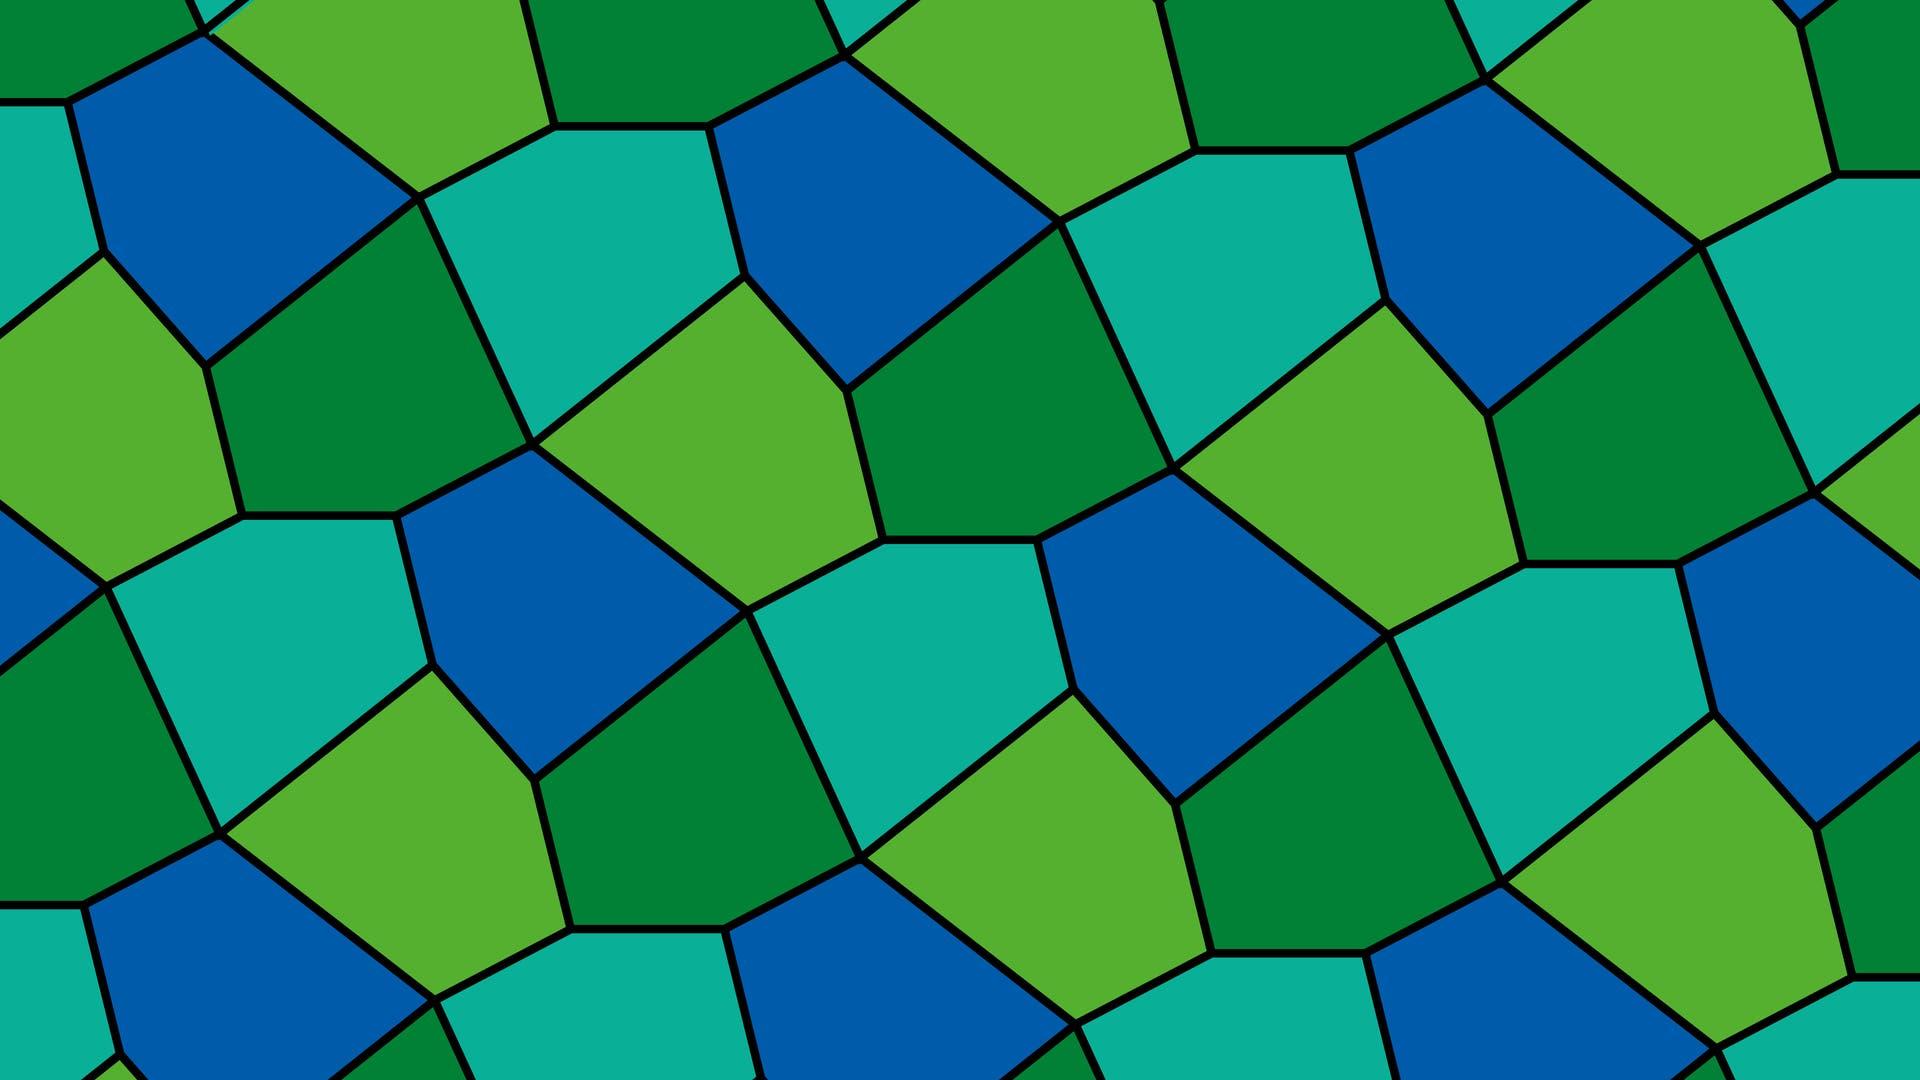 Fünfeck 6